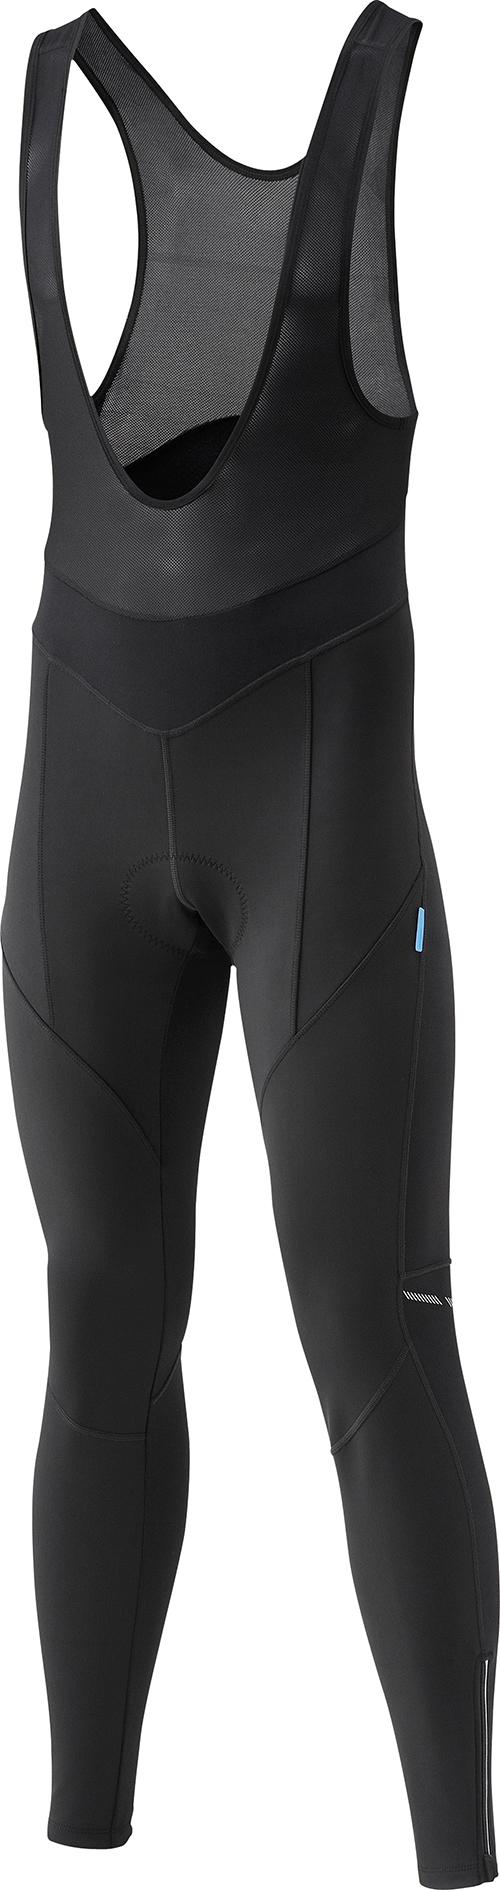 SHIMANO Performance Windbreak kalhoty s laclem, černá, M